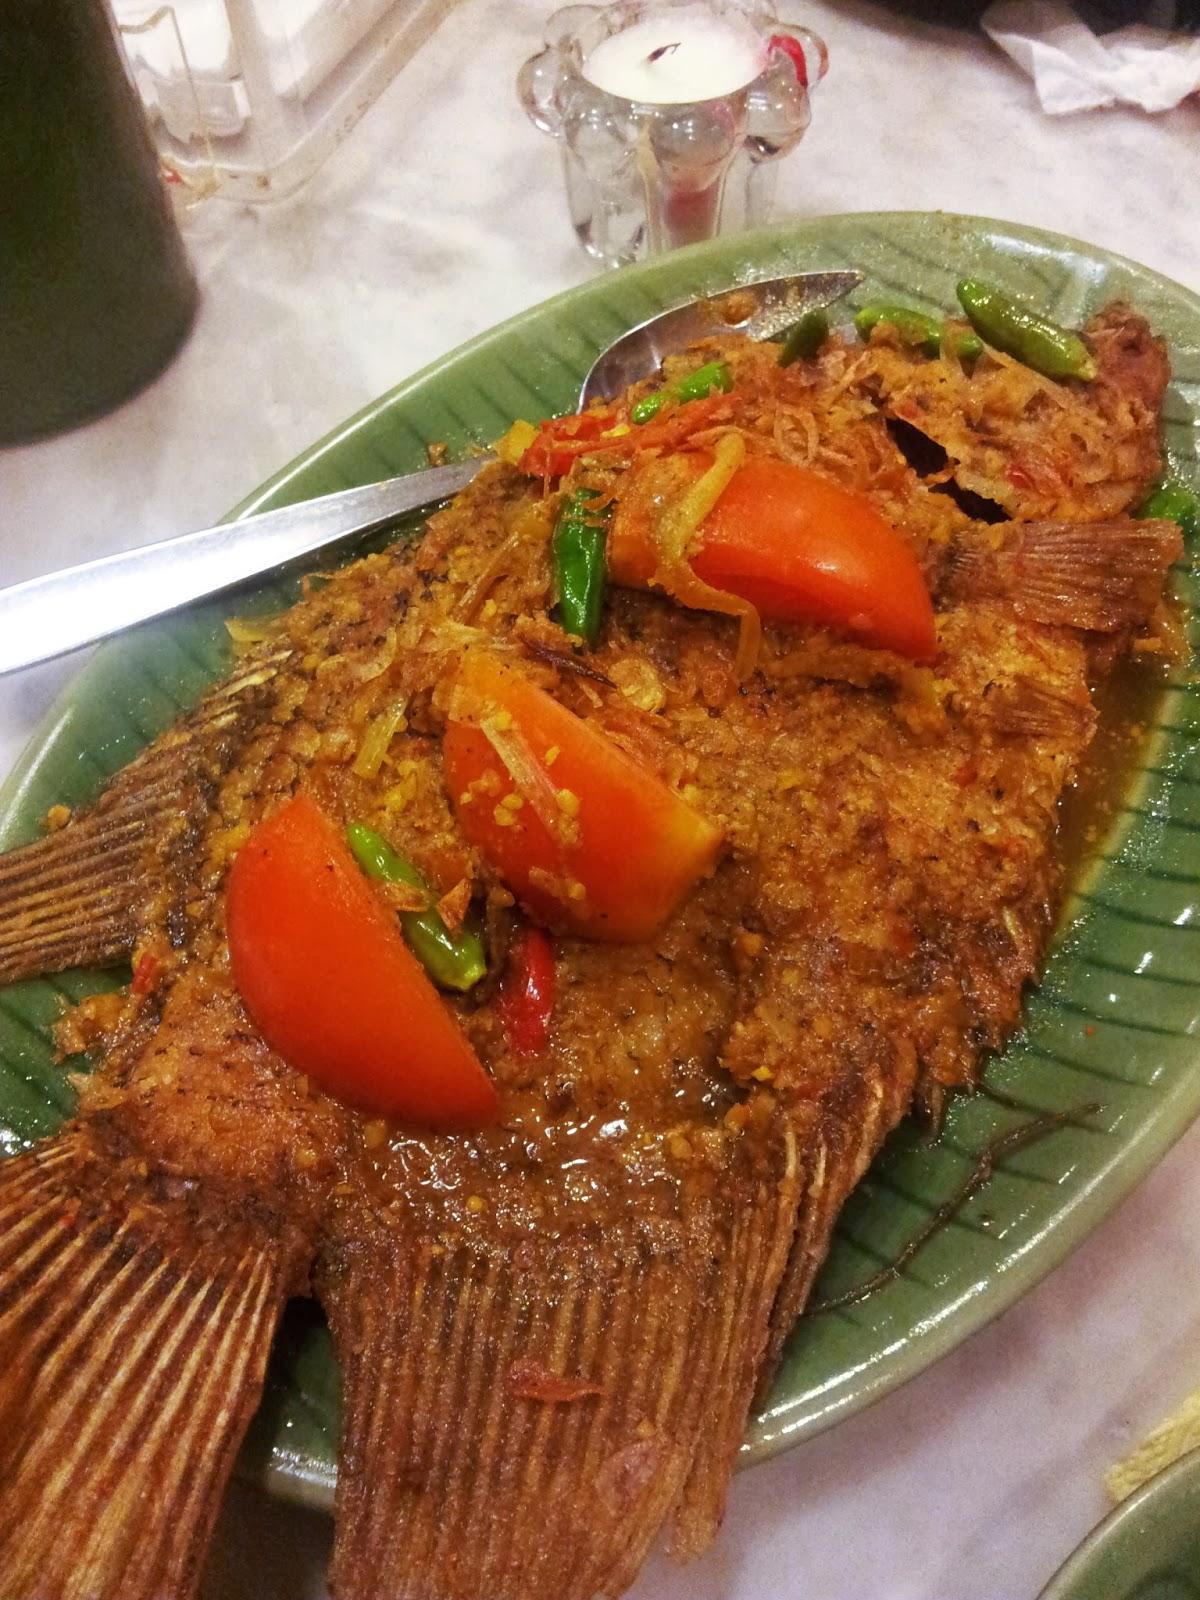 TOEVELGRAPH: Ikan Bakar Cianjur